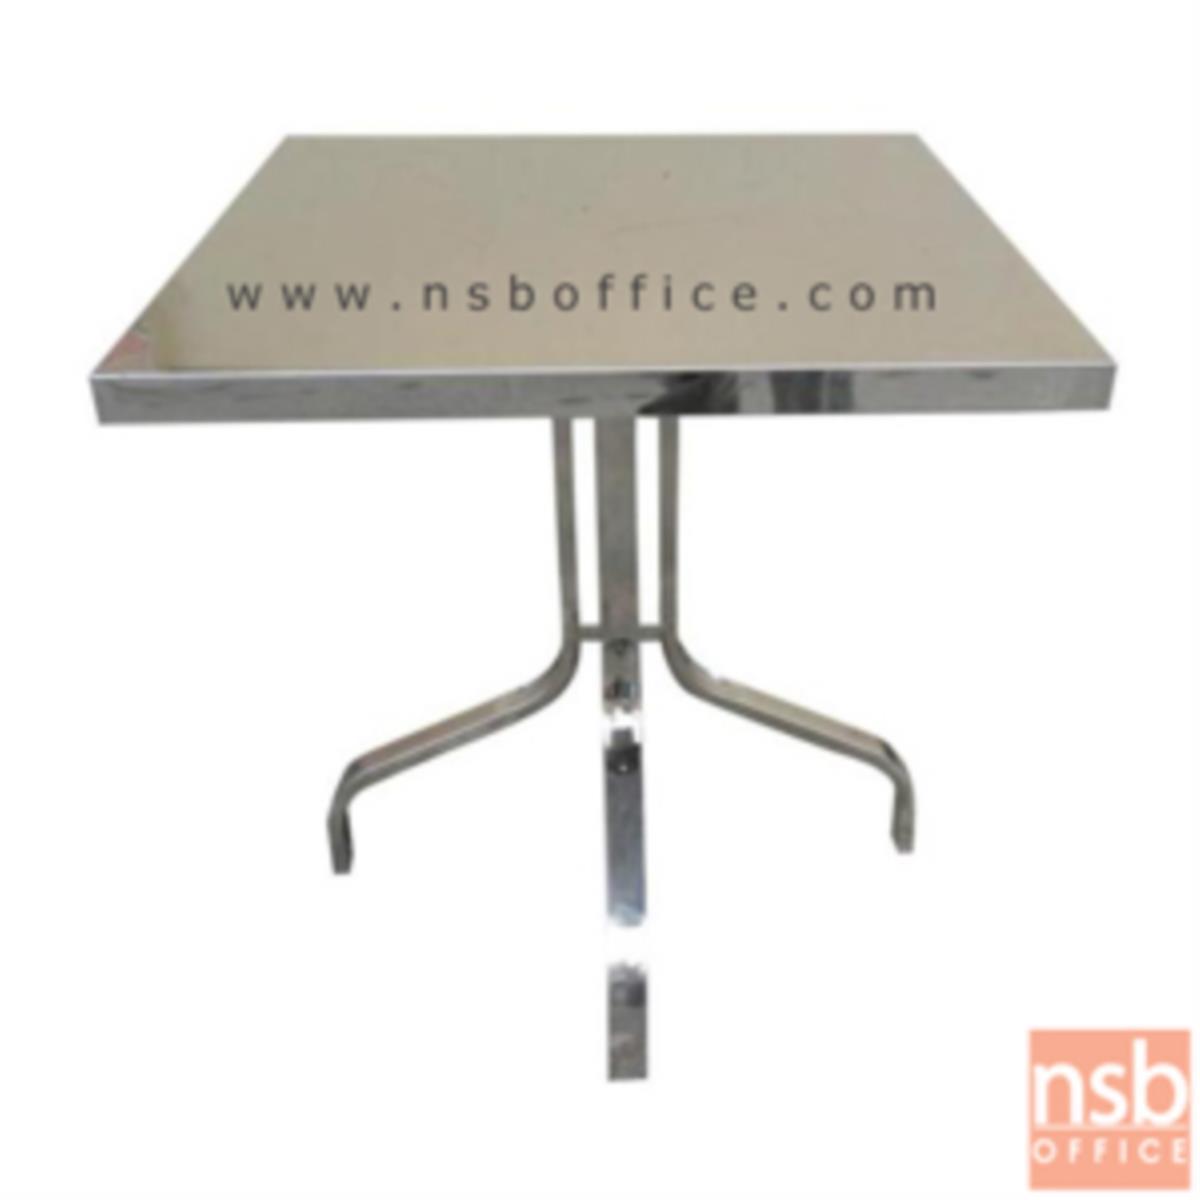 G12A110:โต๊ะหน้าสเตนเลส รุ่น Magdalene (แม็กดาเรน) ขนาด 75W cm.  ขาสเตนเลส